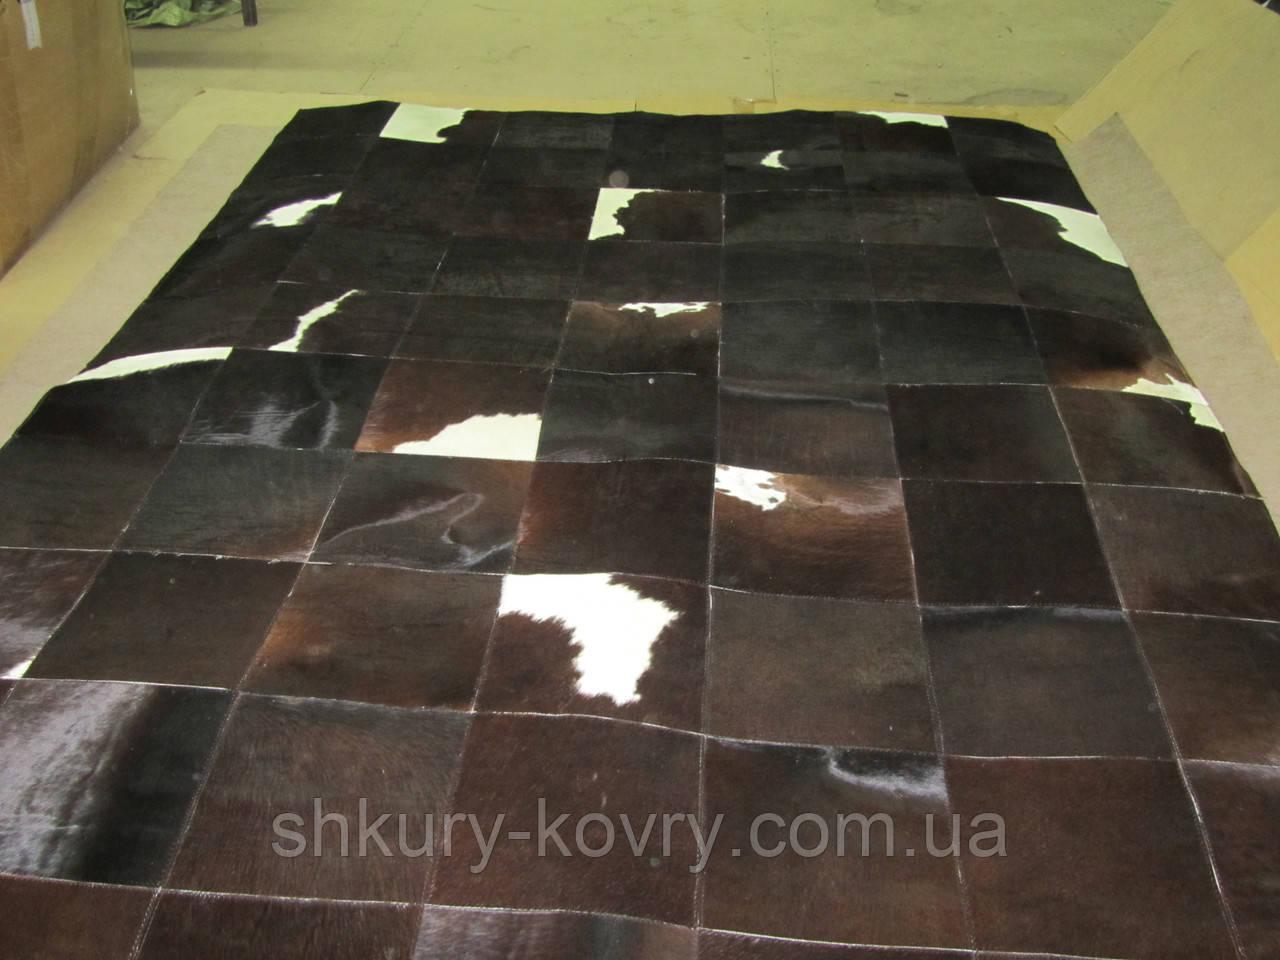 Килим темно-шоколадного кольору з небольшм вкрапленням білого кольору